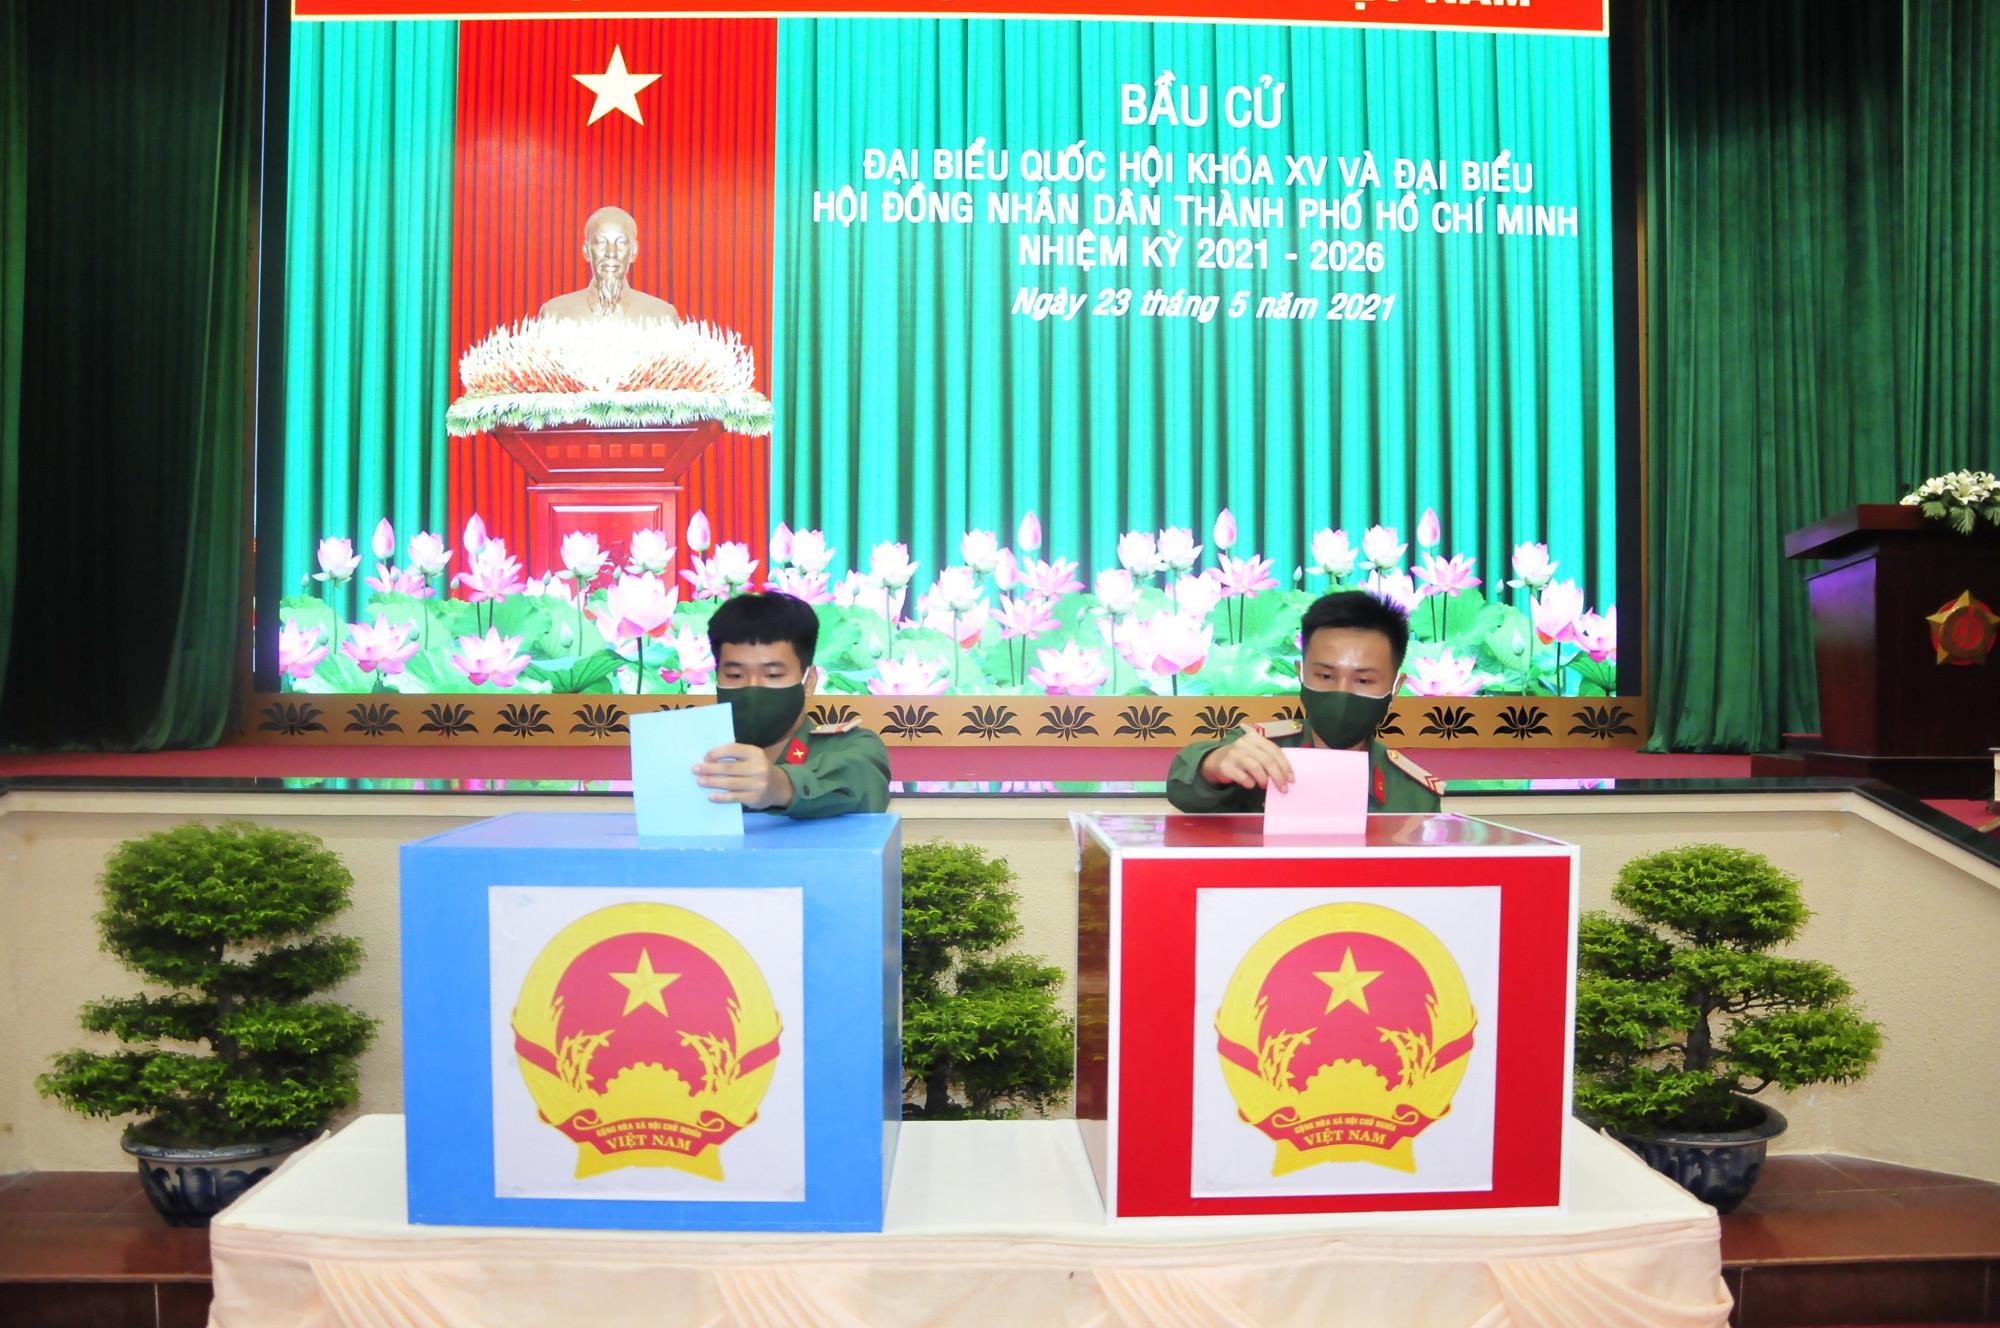 Cán bộ, chiến sĩ bỏ phiếu tại ĐIỂM BẦU CỬ TẠI BỘ TƯ LỆNH TP HỒ CHÍ MINH